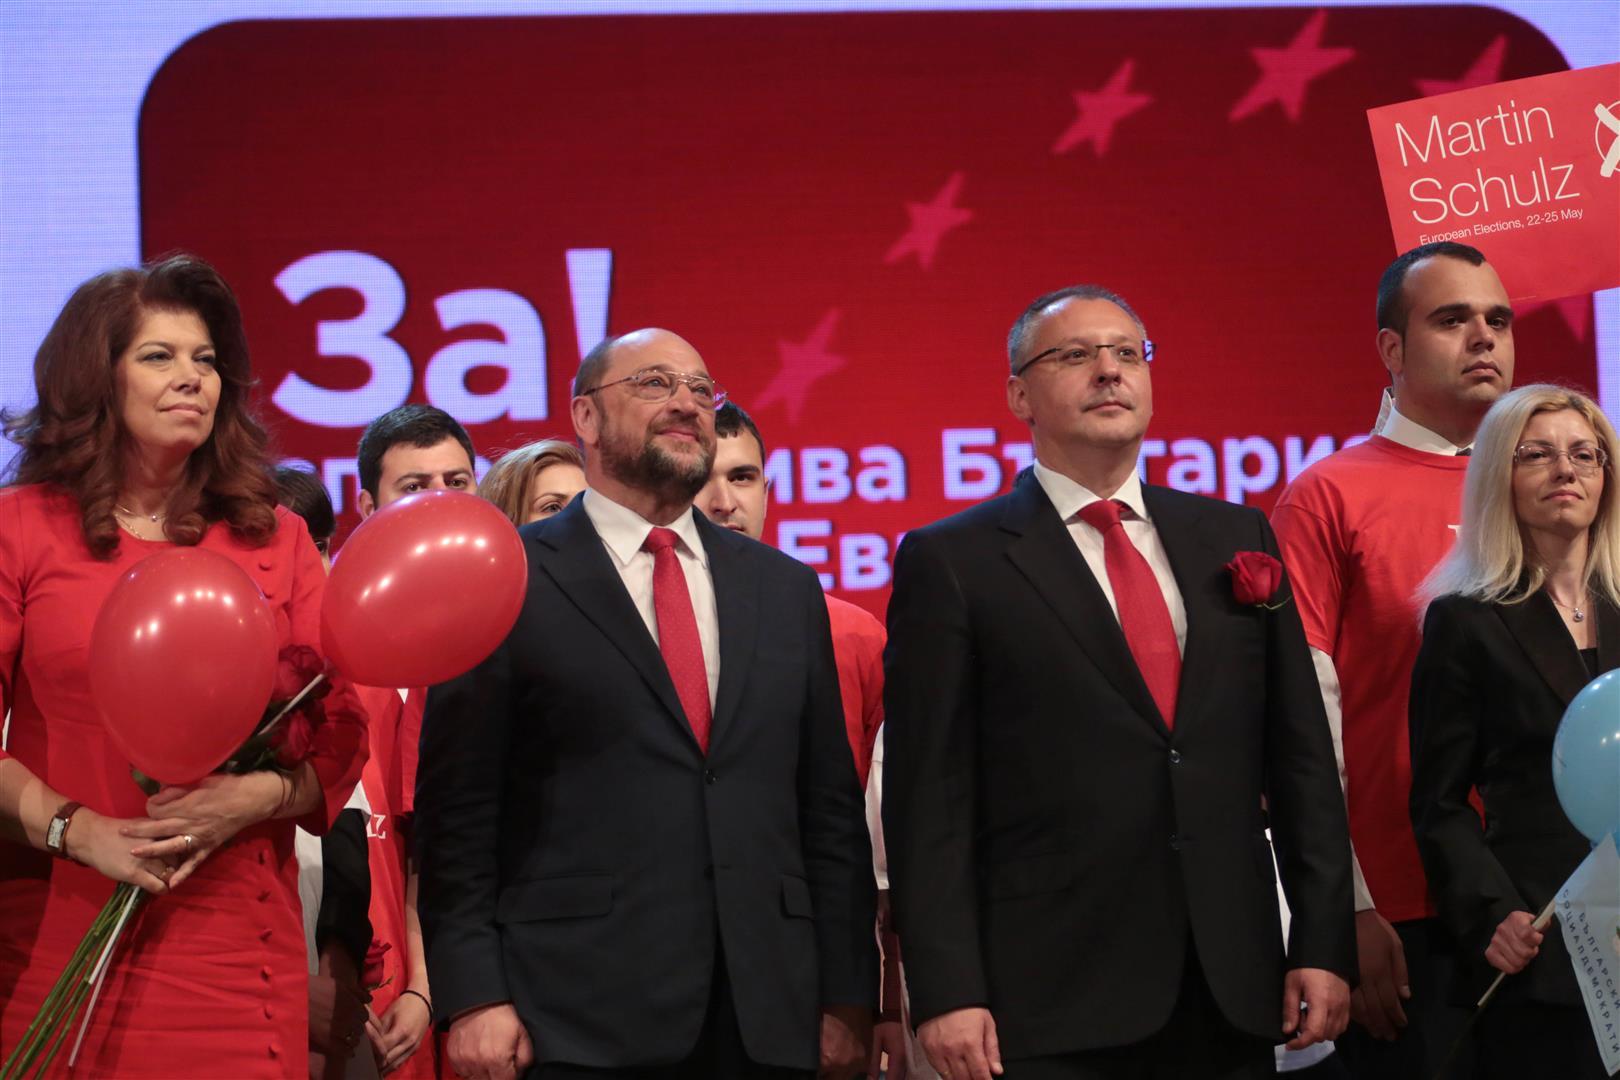 4a529d1baf4 Стара Загора: Коалиция за България ще закрие кампанията си за изборите за  Европейски парламент в